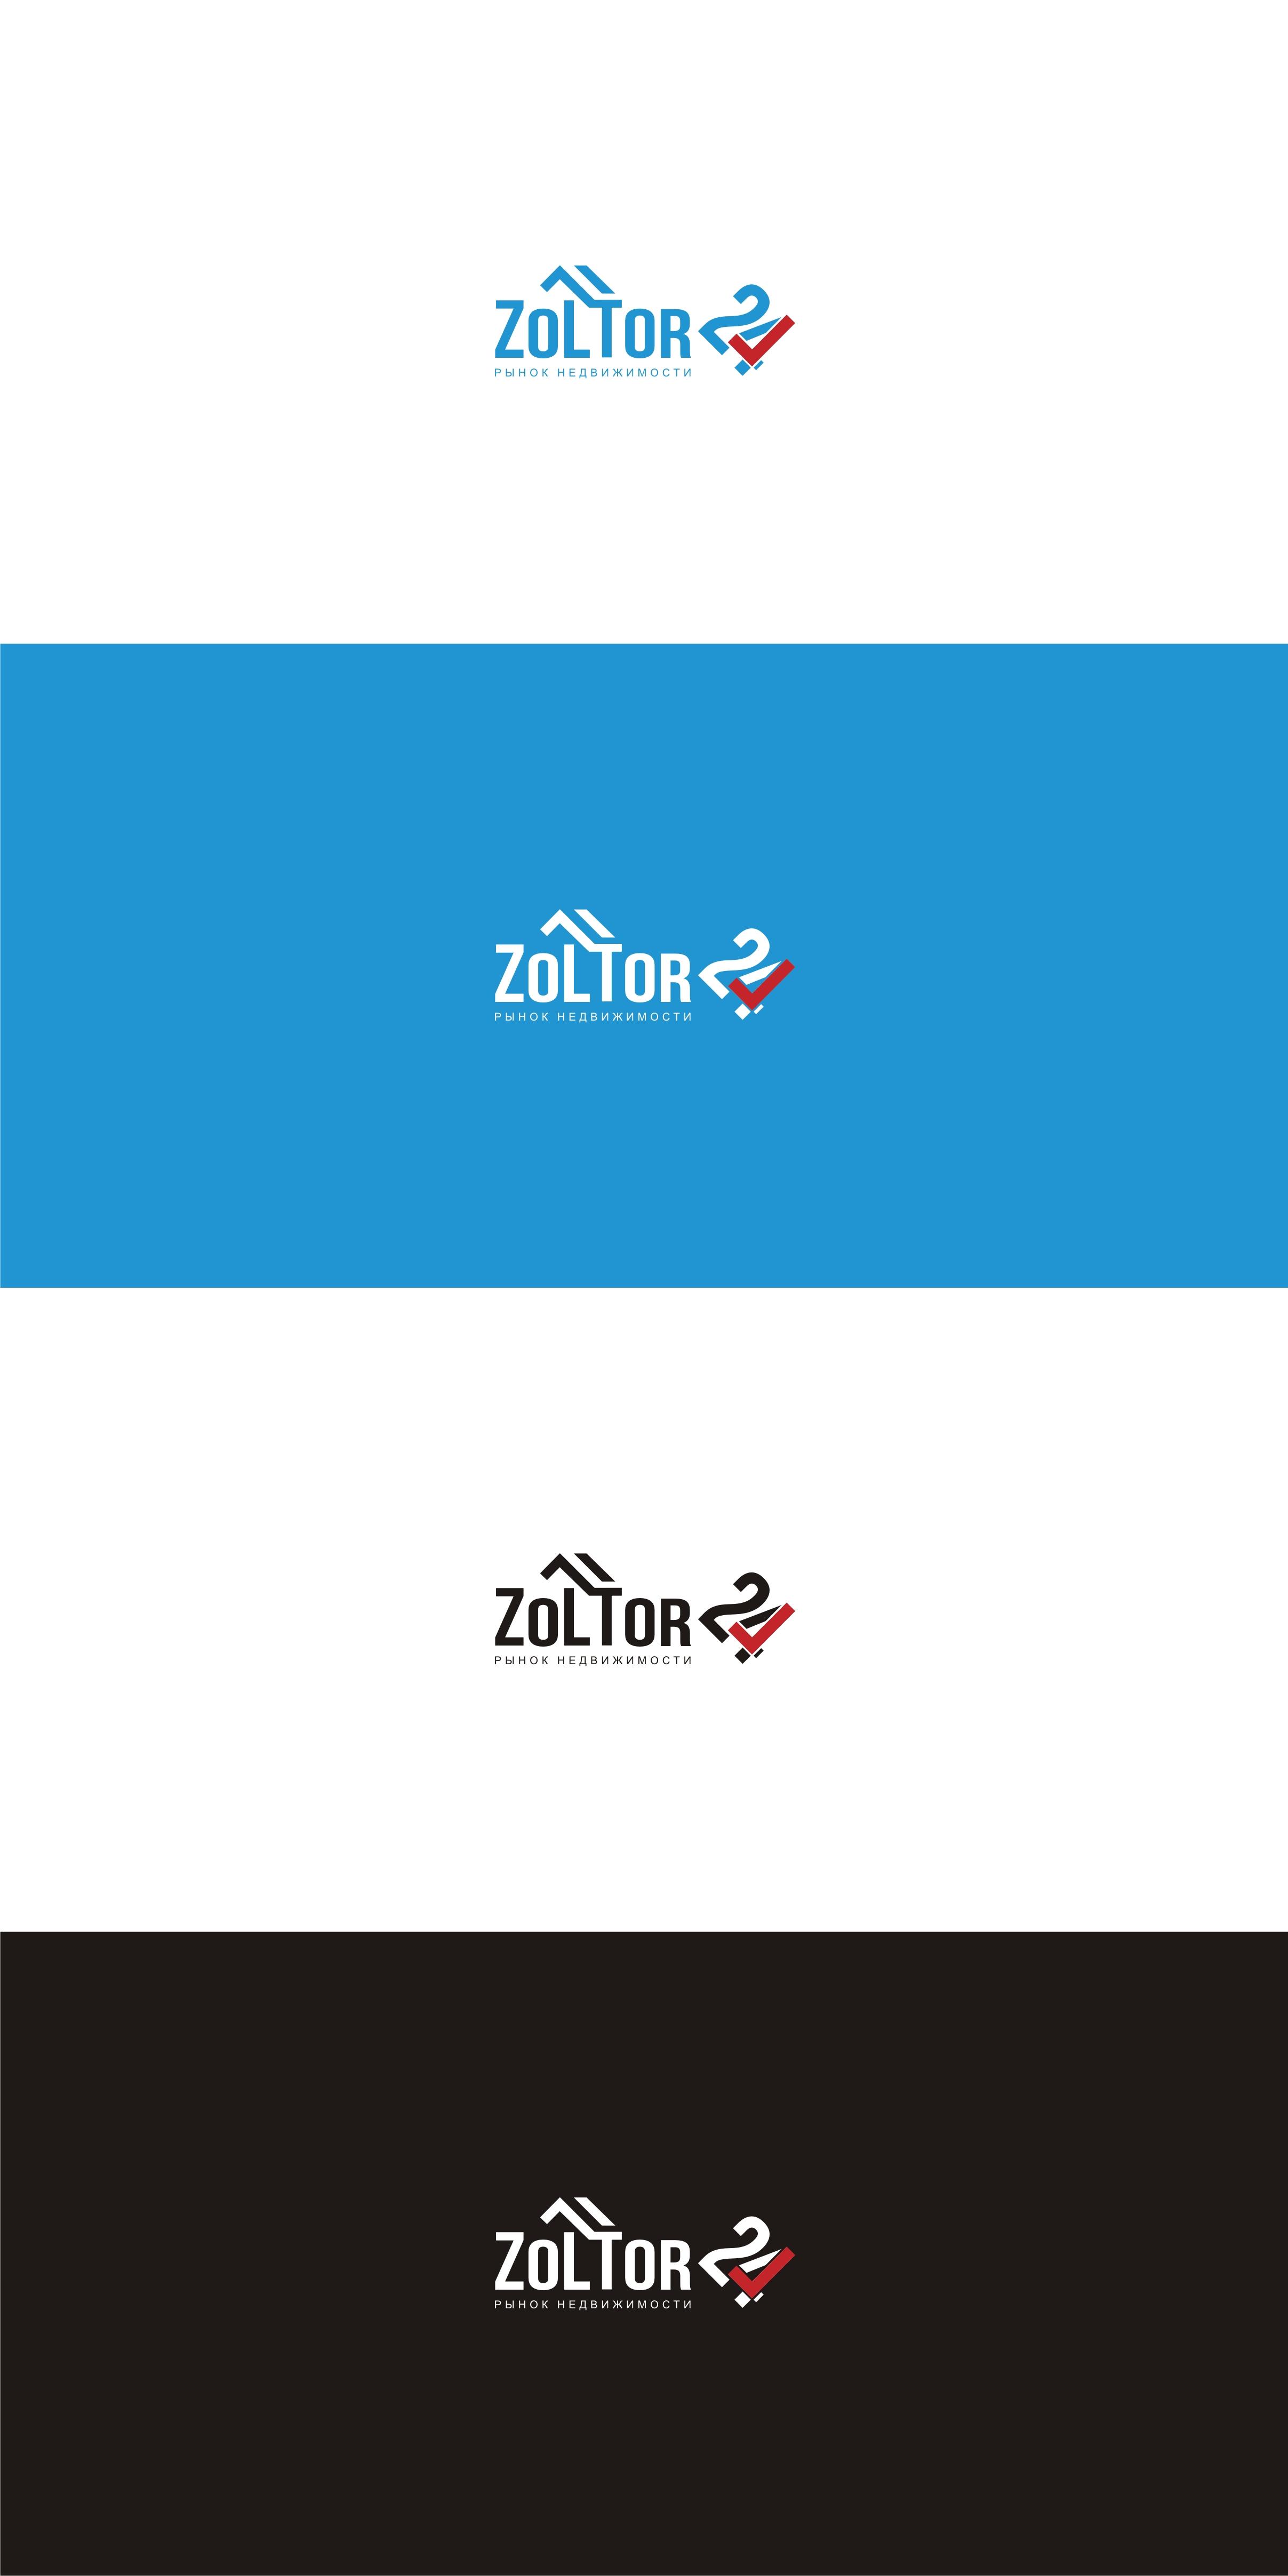 Логотип и фирменный стиль ZolTor24 фото f_2375c90cf11718c9.jpg